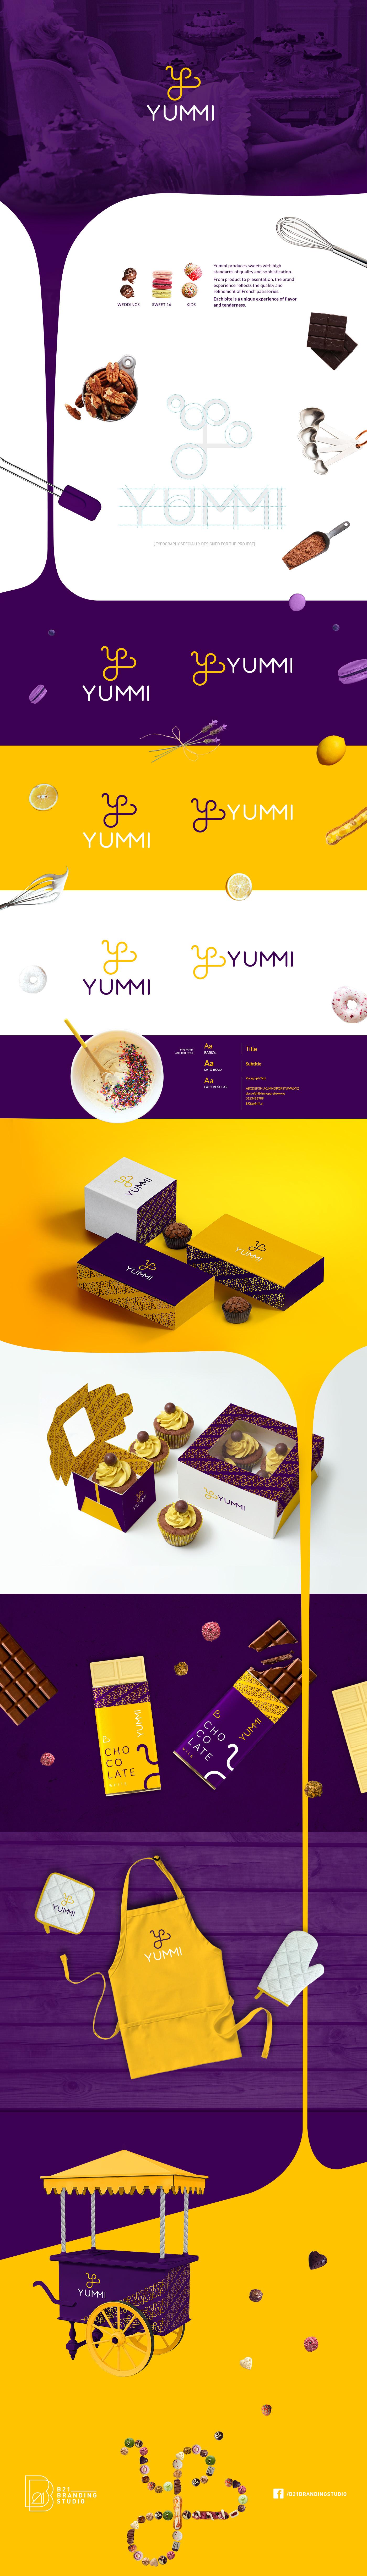 A Yummi produz doces com alto padrão de qualidade e sofisticação. Desde o produto até sua apresentação, a experiência de marca traduz a qualidade e requinte das patisseries francesas.Nos inspiramos nas patisseries francesas para criar o nome Yummi, que é…